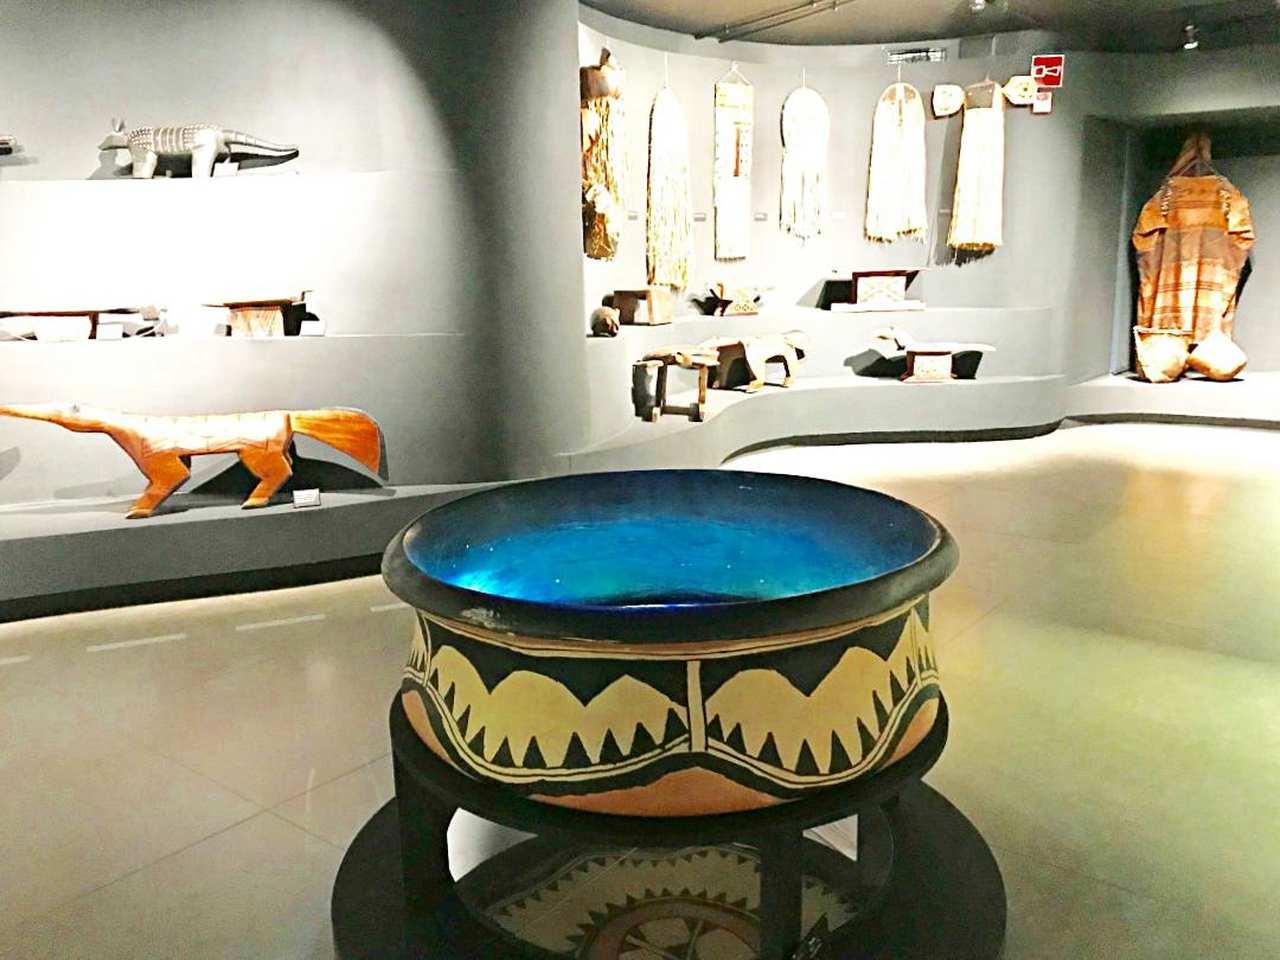 Como conhecer Curitiba em 42 atrações - Museu de Arte Indígena